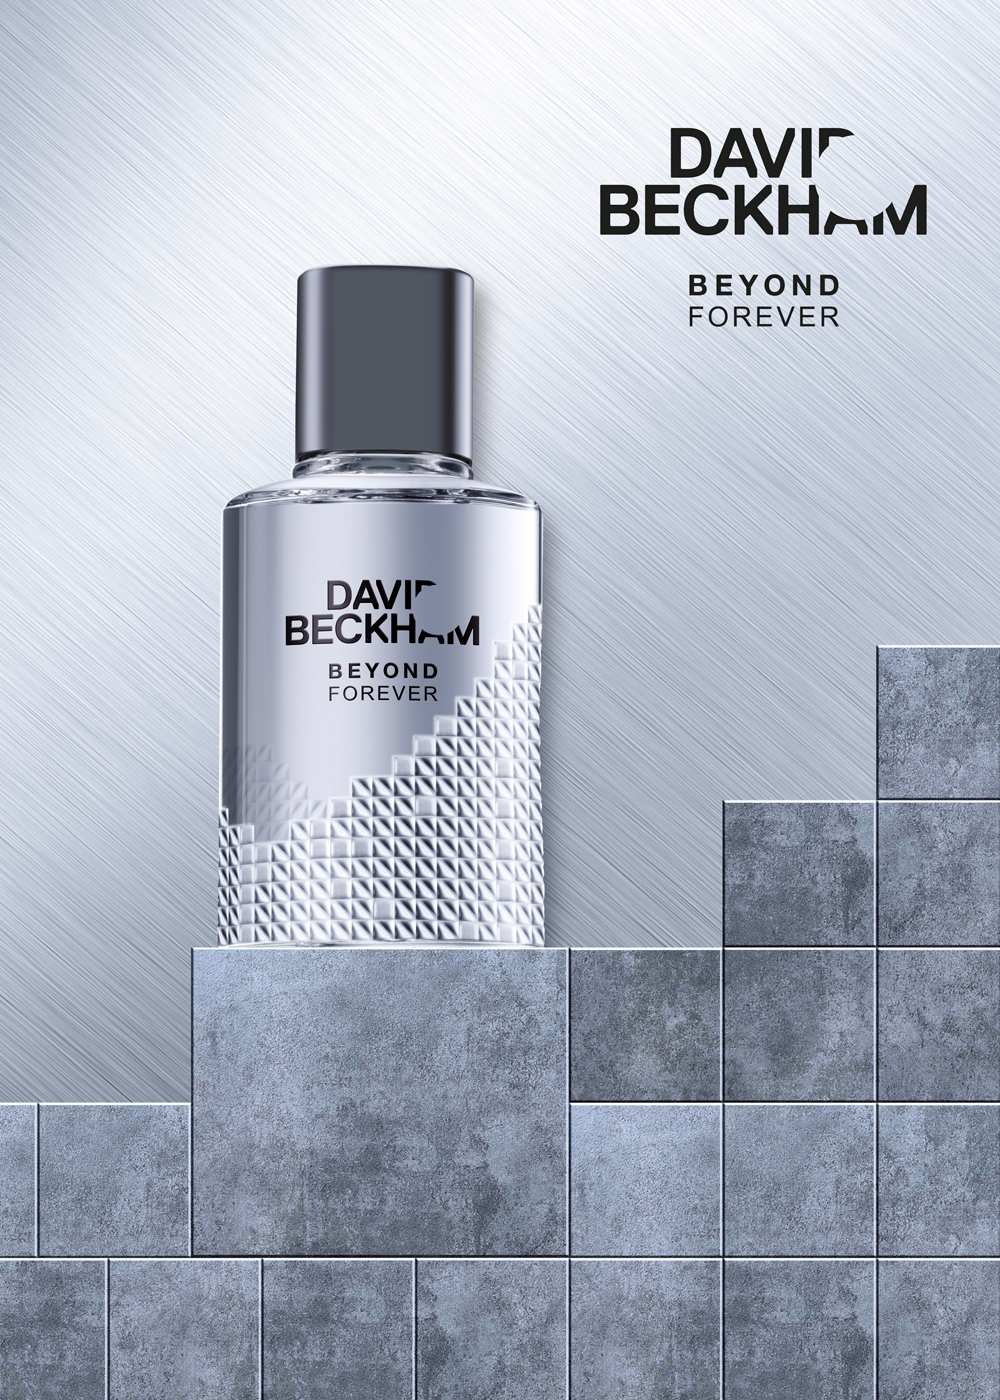 beyond forever david beckham cologne a new fragrance for. Black Bedroom Furniture Sets. Home Design Ideas